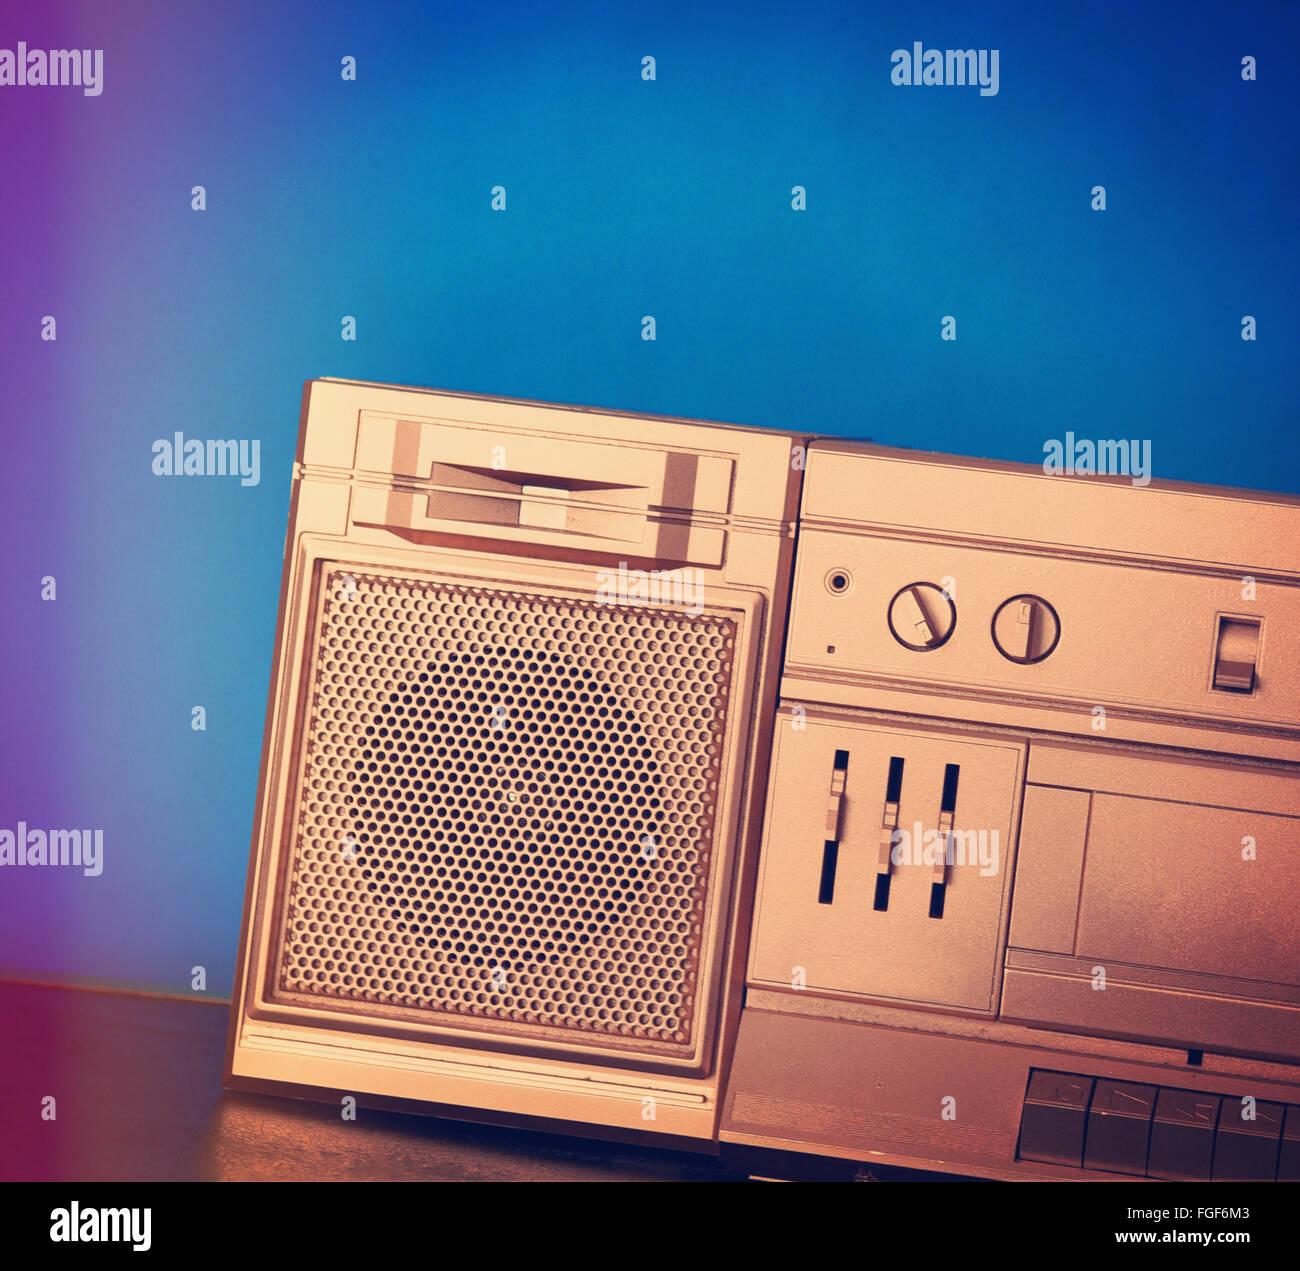 Un primo piano o un altoparlante di un oro retrò anni ottanta boombox stereo con uno sfondo blu per una musica Immagini Stock